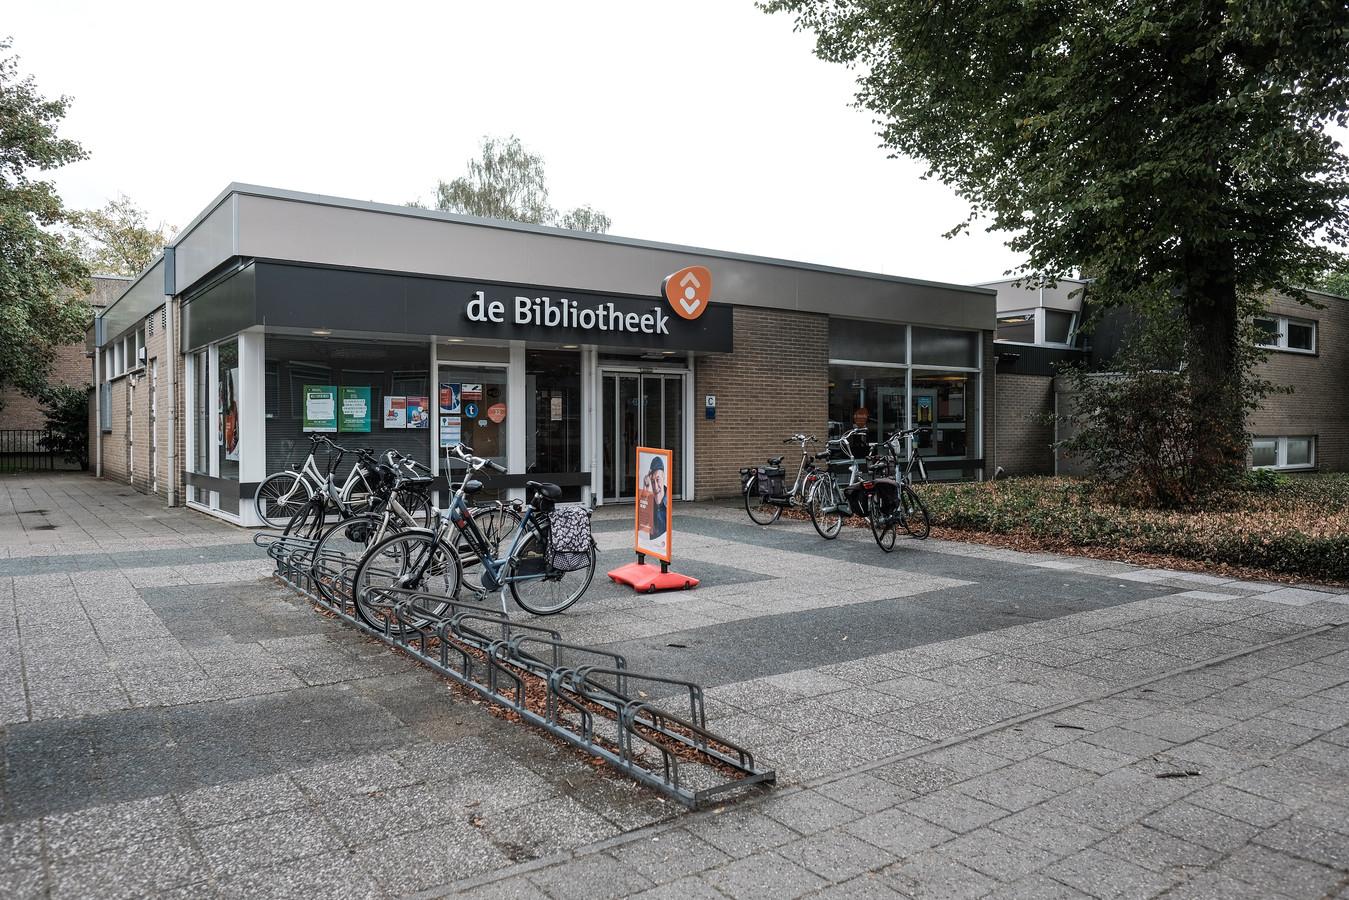 Het huidige onderkomen van de bibliotheek in Didam. Het gebouw wijkt voor de bouw van een supermarkt  en de aanleg van een parkeerplaats in het centrumplan Didam.